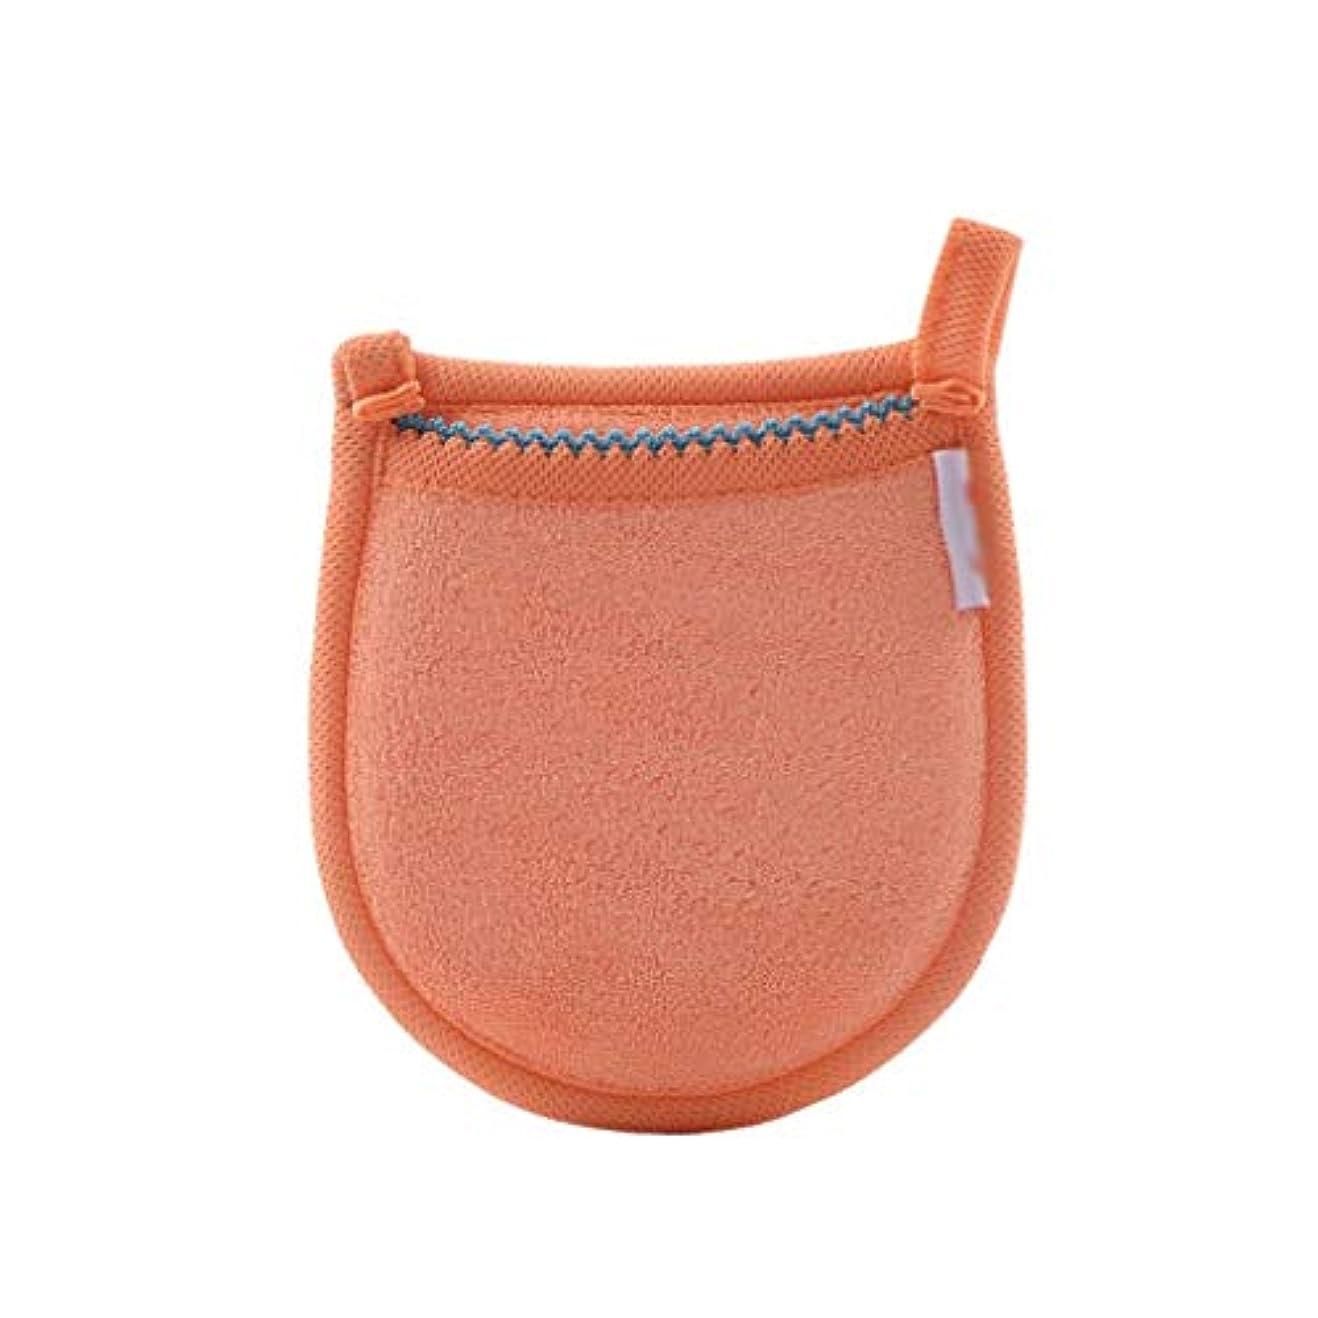 ロードブロッキング海峡短命1ピースフェイシャル竹炭スポンジフェイスメイク落とし美容再利用可能なフェイスタオルクリーニンググローブ洗濯メイクアップツール (Color : Orange)